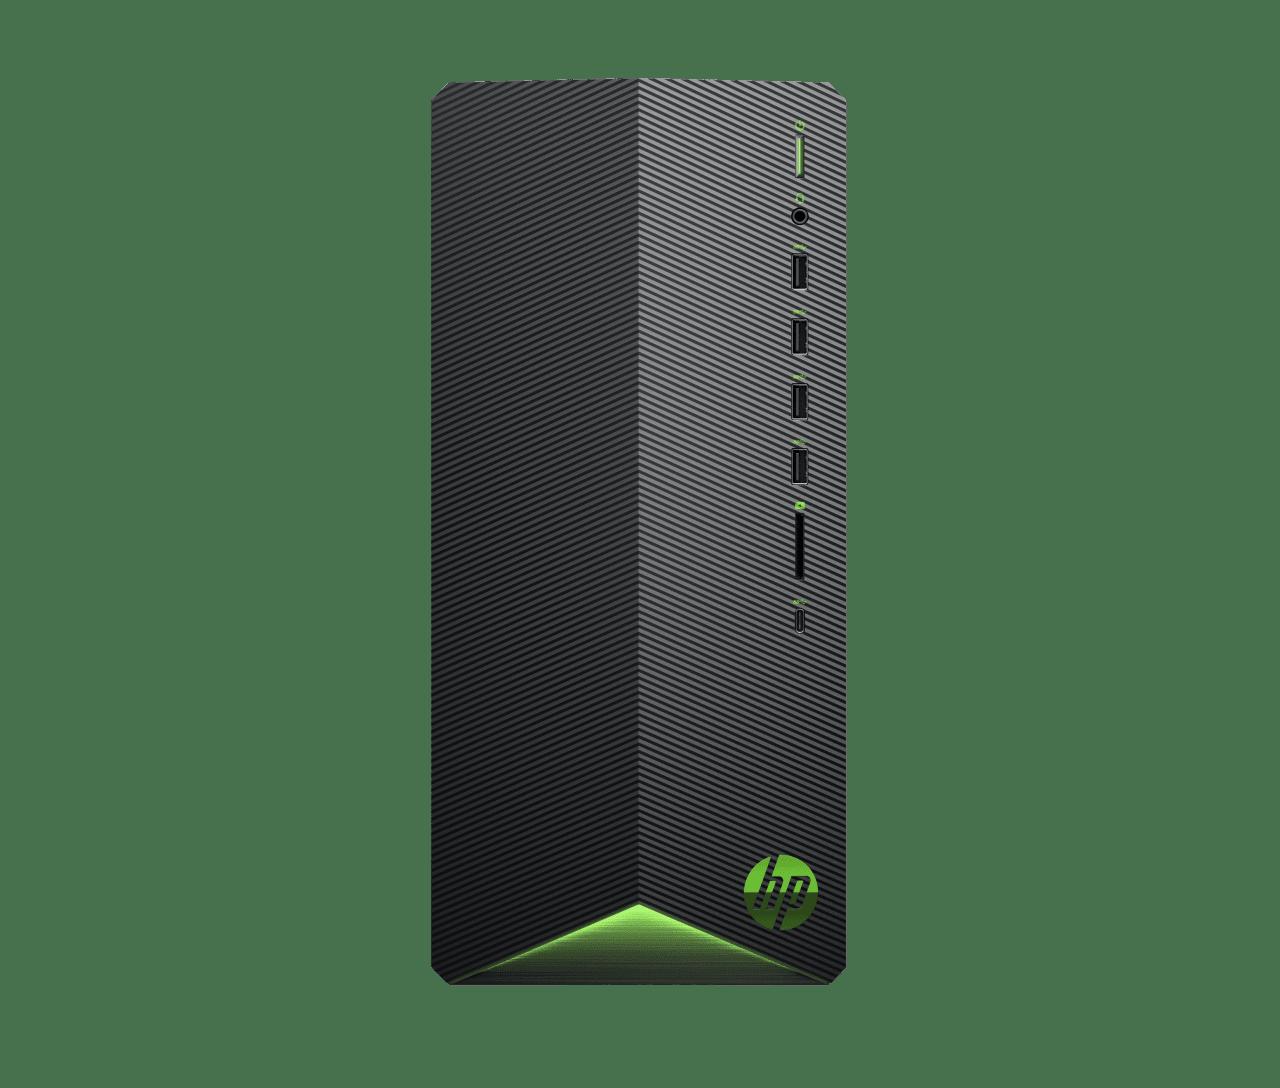 Black HP Pavilion Gaming Desktop TG01-0017ng.1